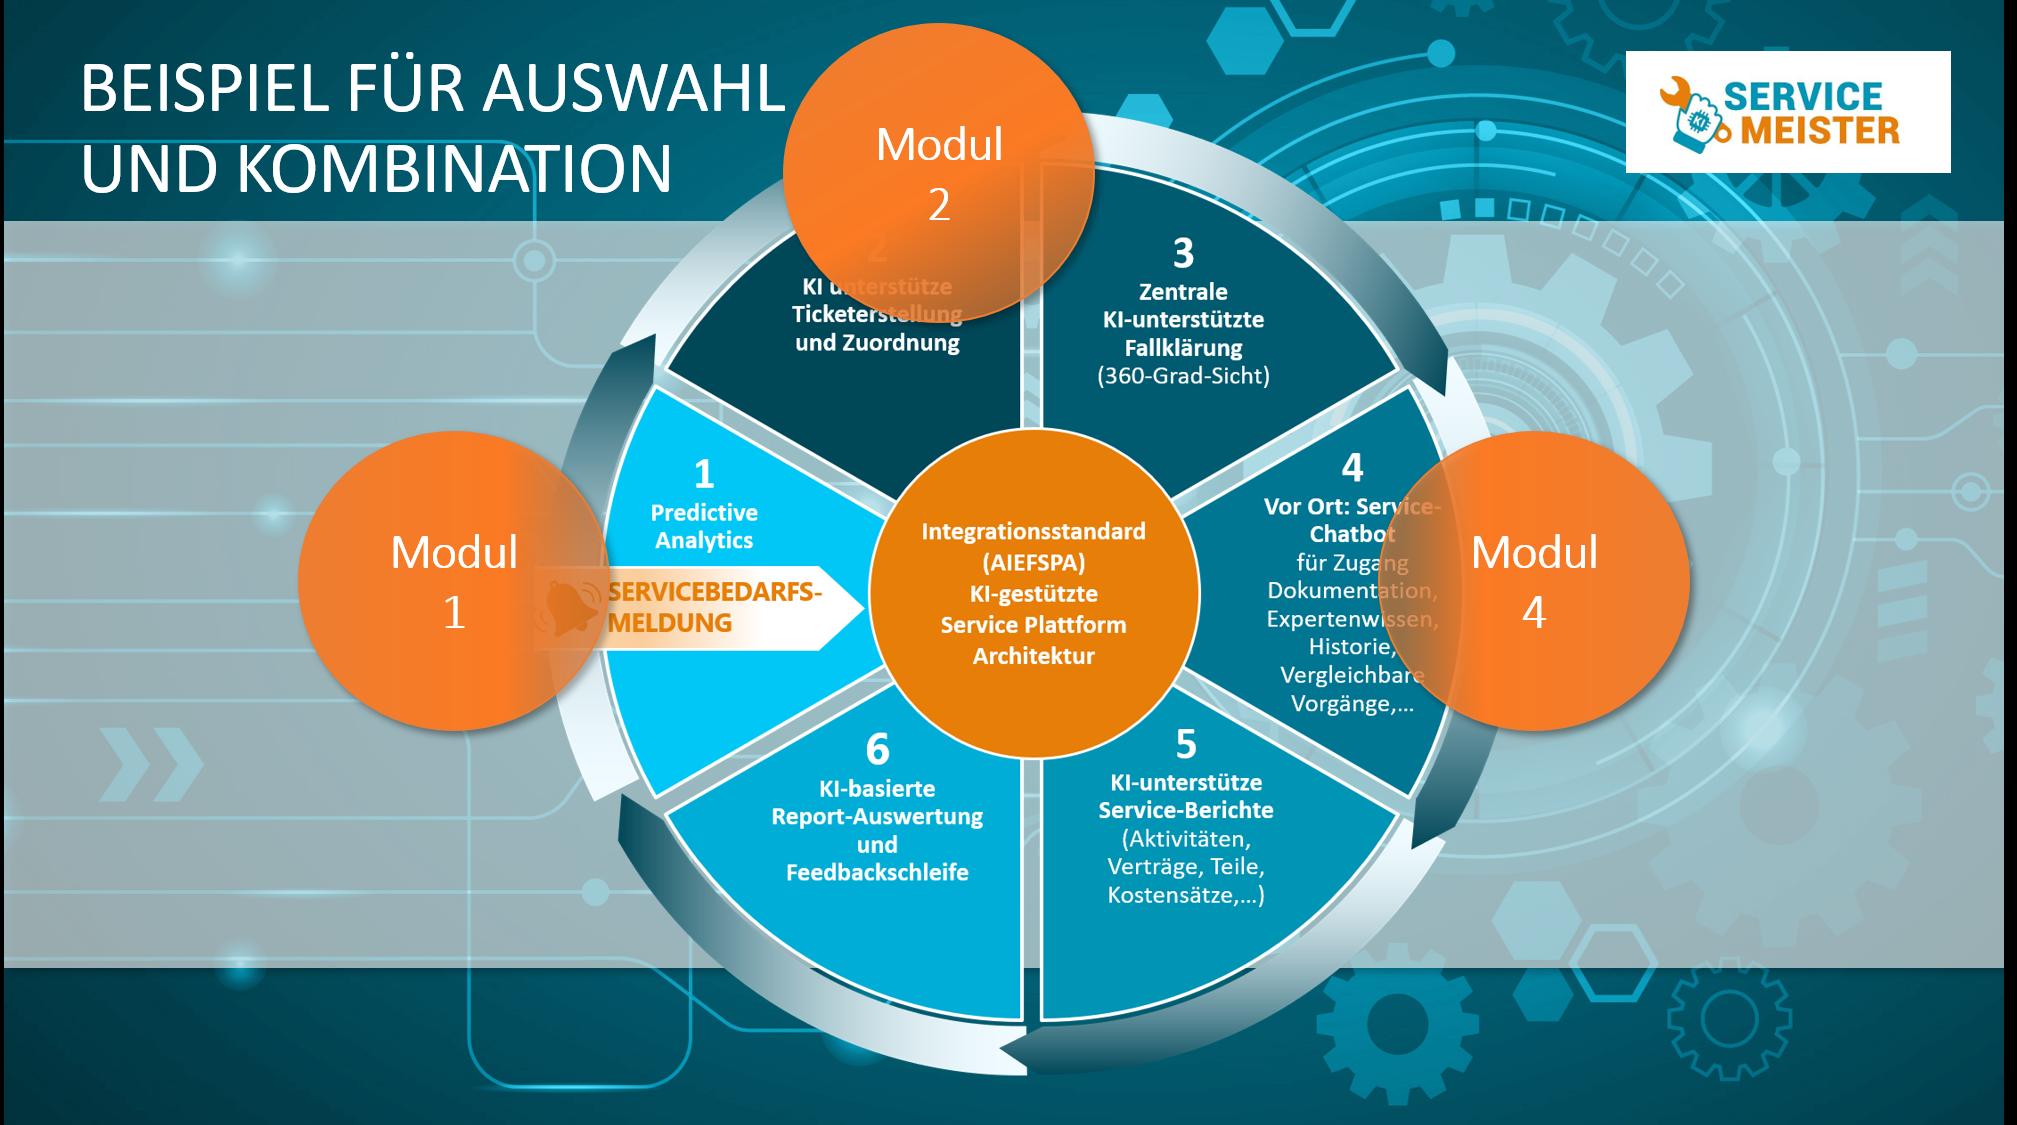 Technischer Service 4.0 - der Service der Zukunft 4